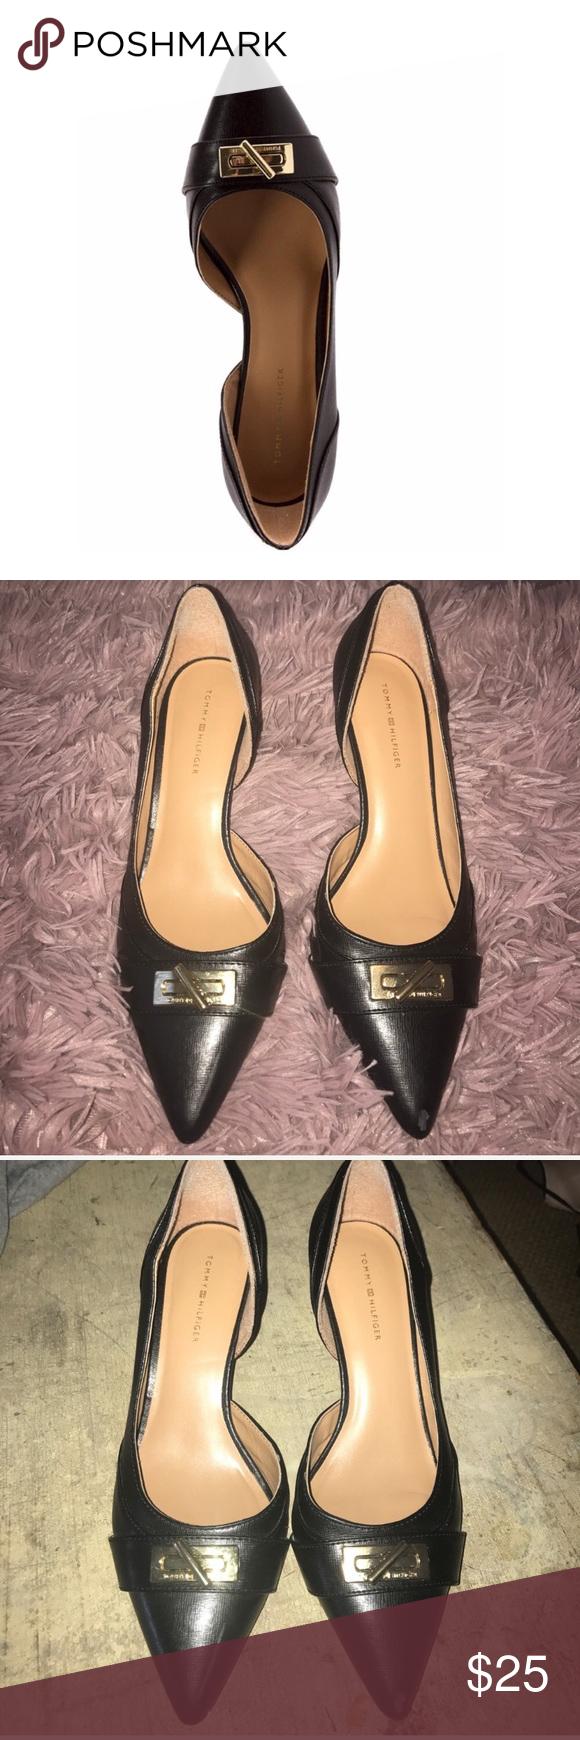 0db2183c302a7a Tommy Hilfiger Joetta D Orsay heels